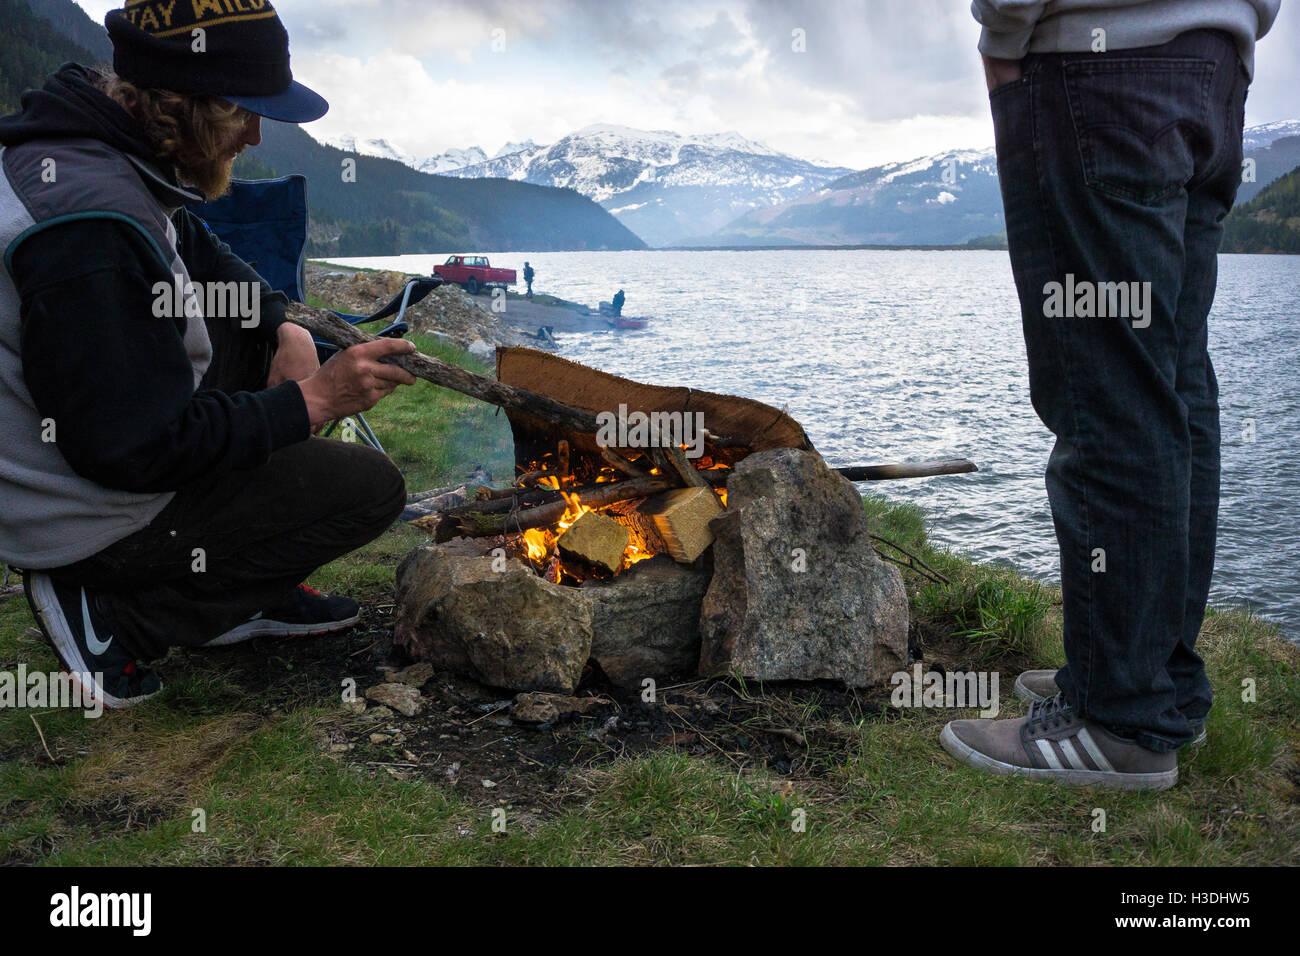 Un feu d'amis sur le bord d'un lac à l'intérieur de la Colombie-Britannique Photo Stock